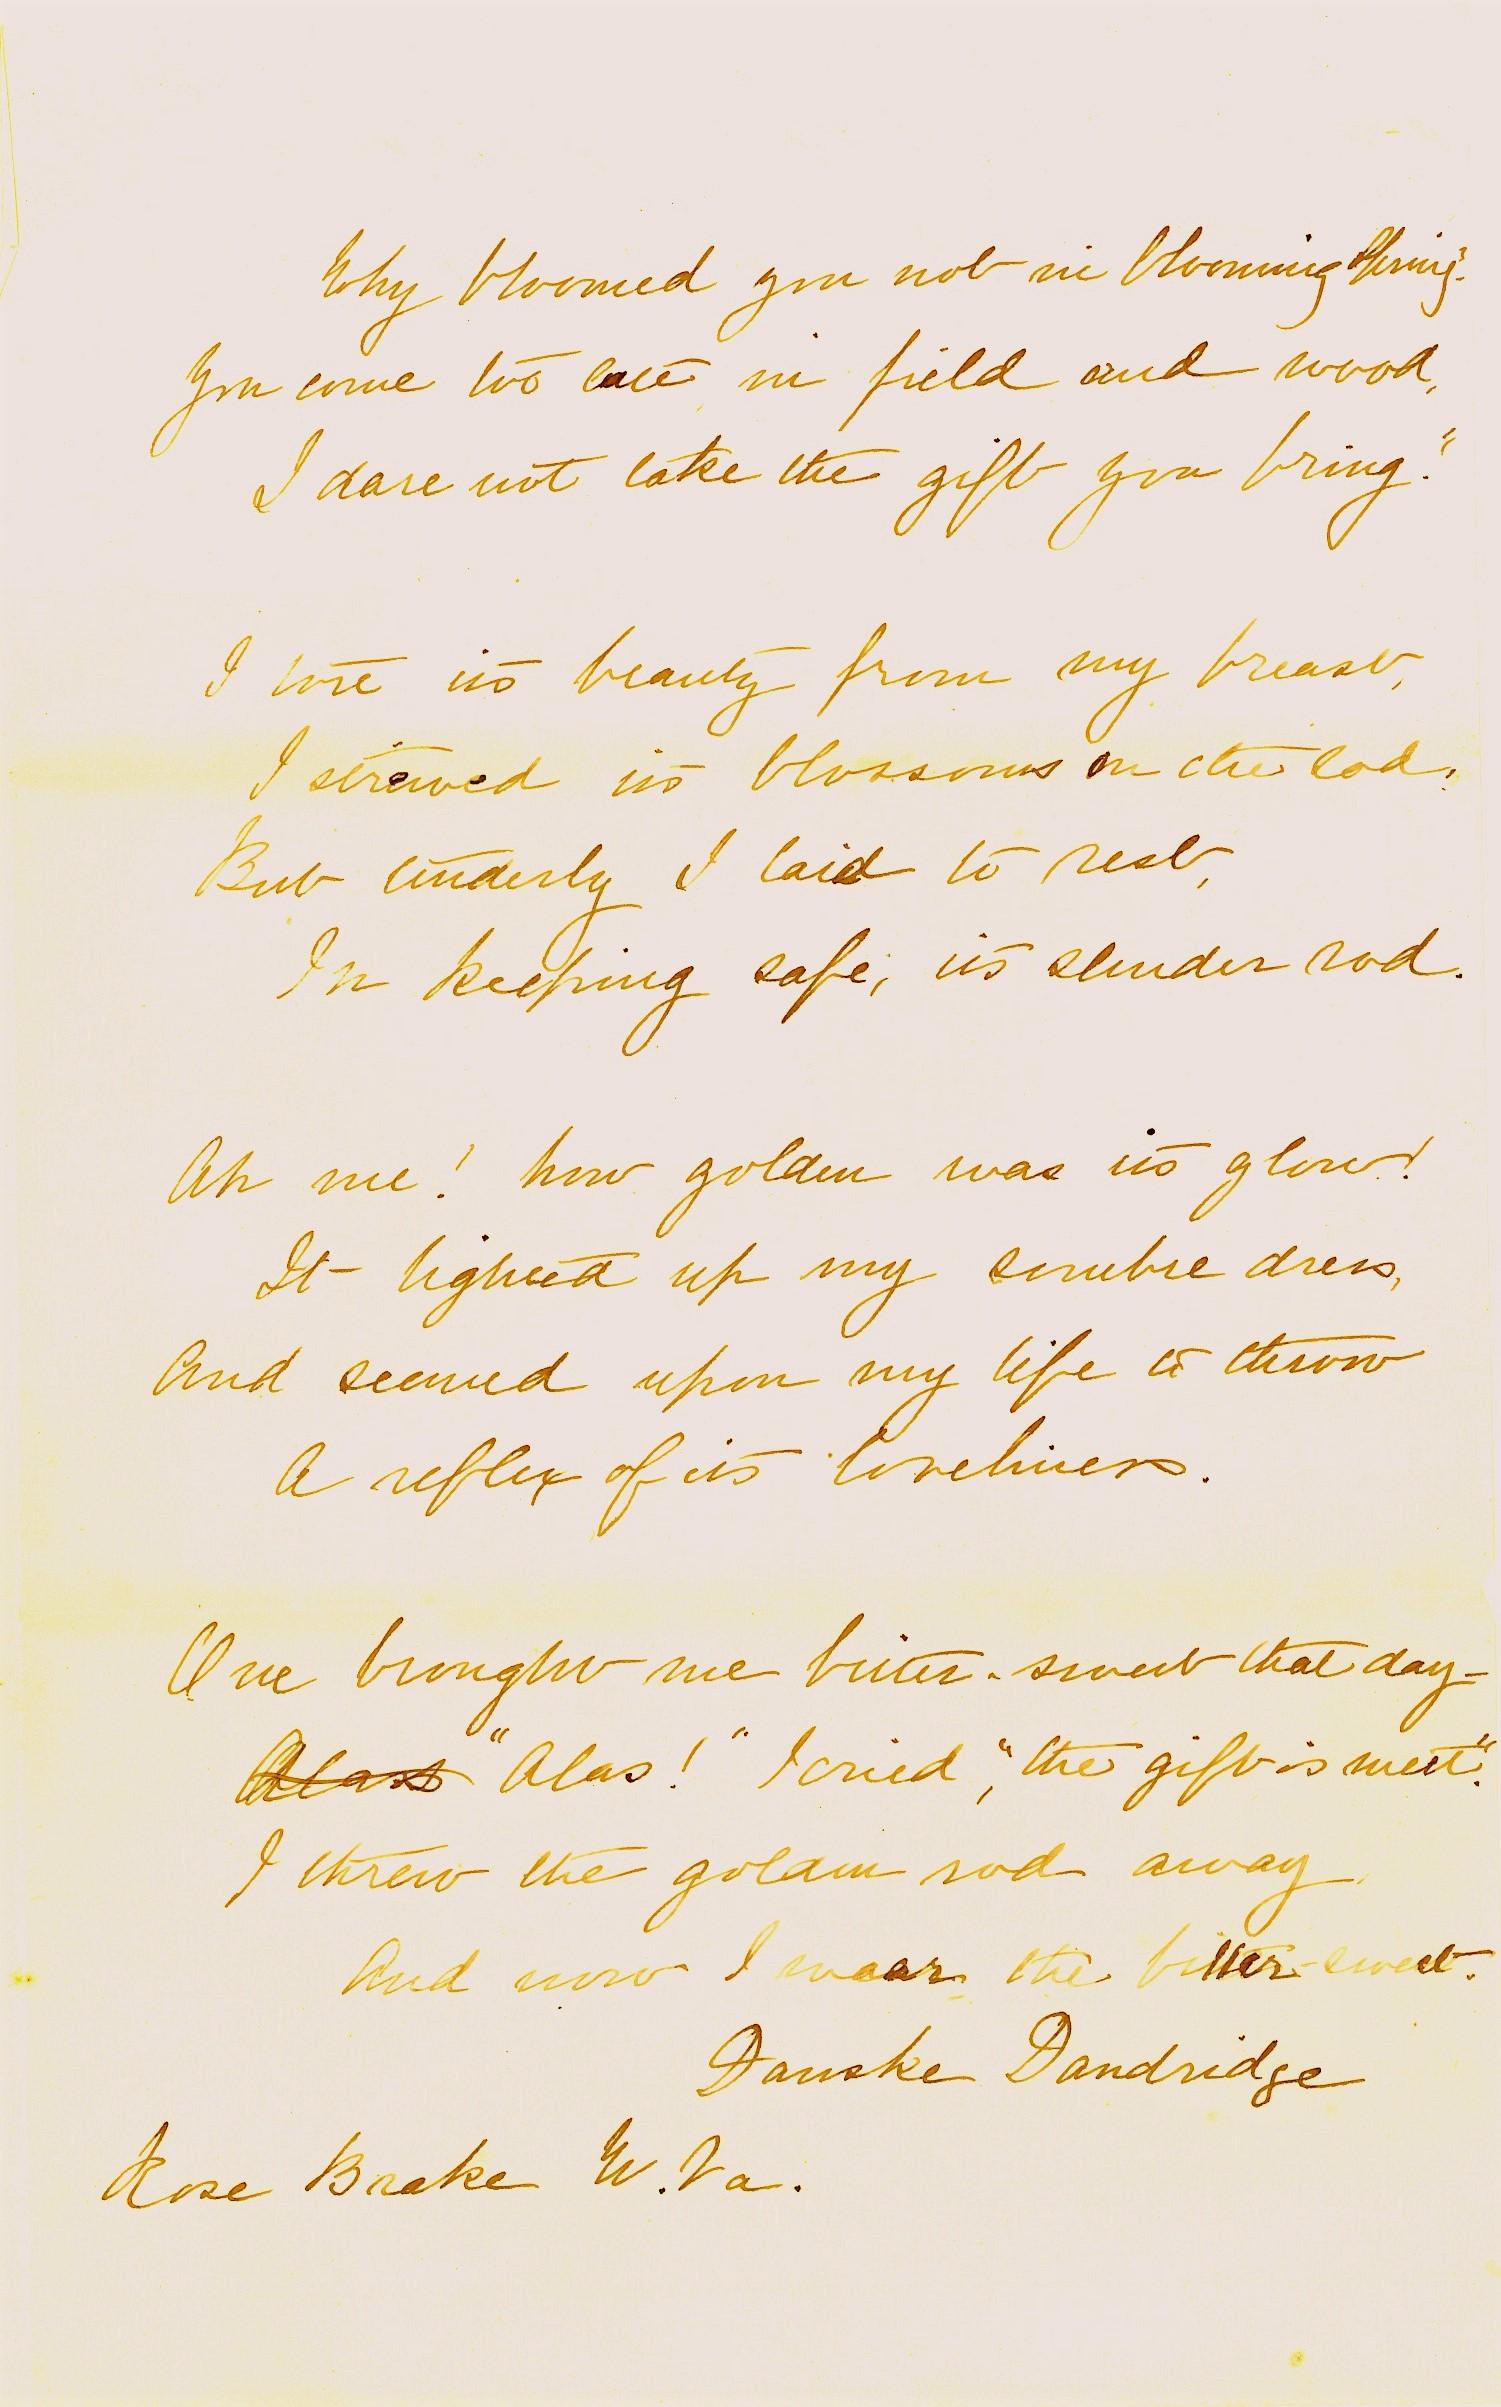 Danske Dandridge poem, Golden-rod and Bitter-sweet